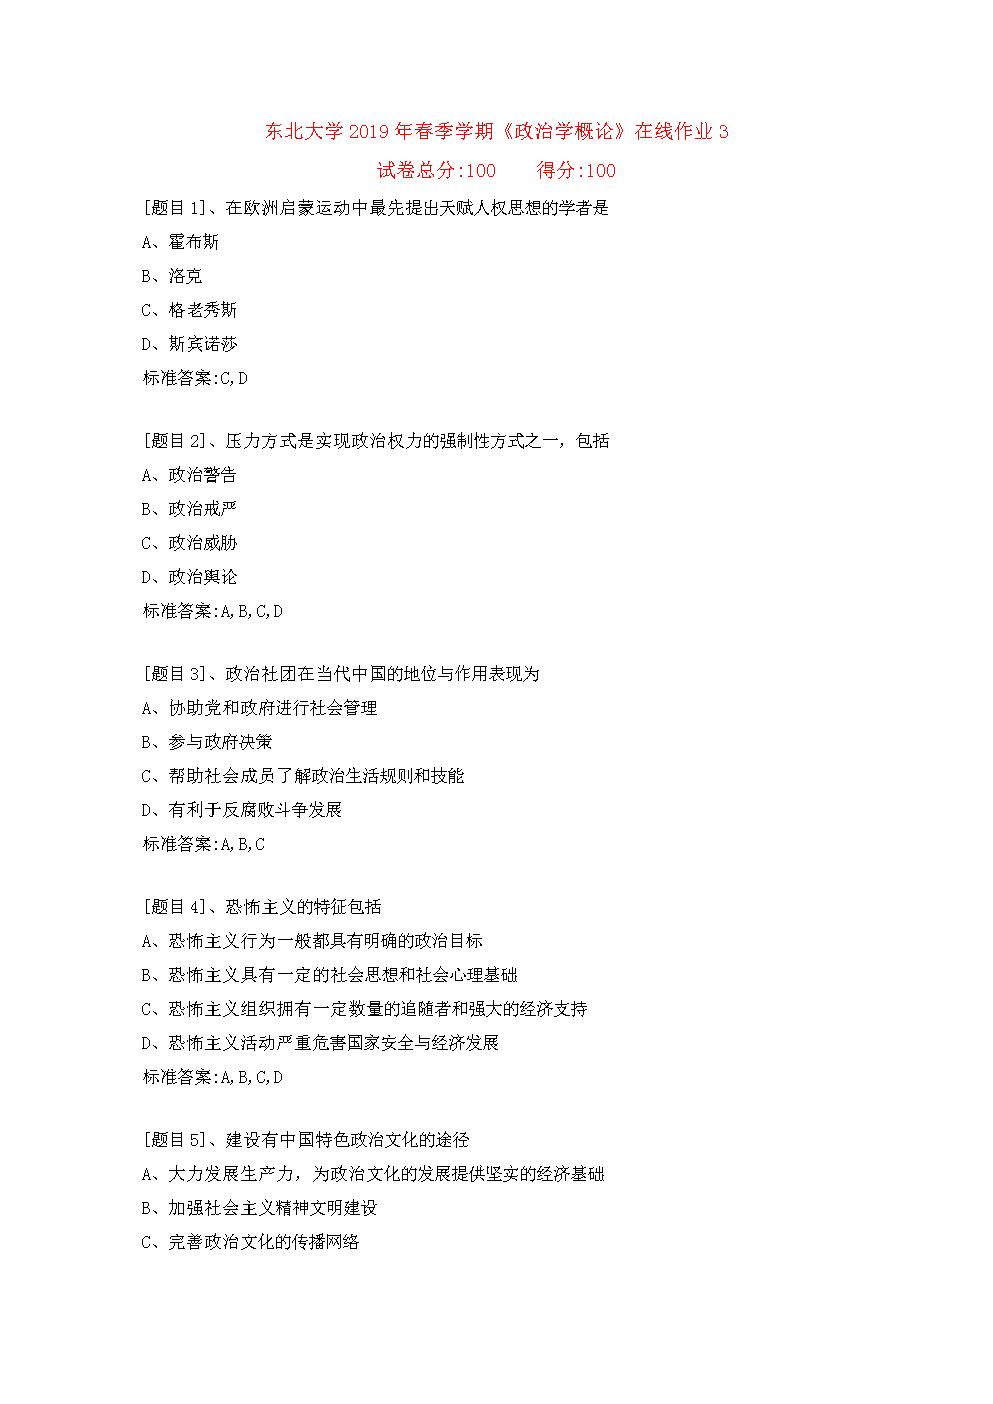 东北大学2019年春季学期《政治学概论》在线作业(答案)(2).doc